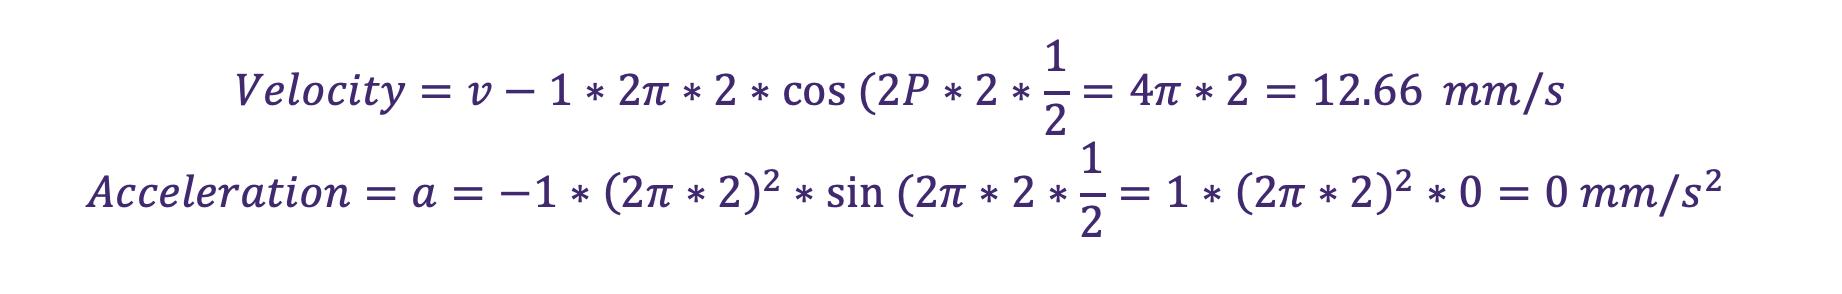 vibration monitoring equation 10